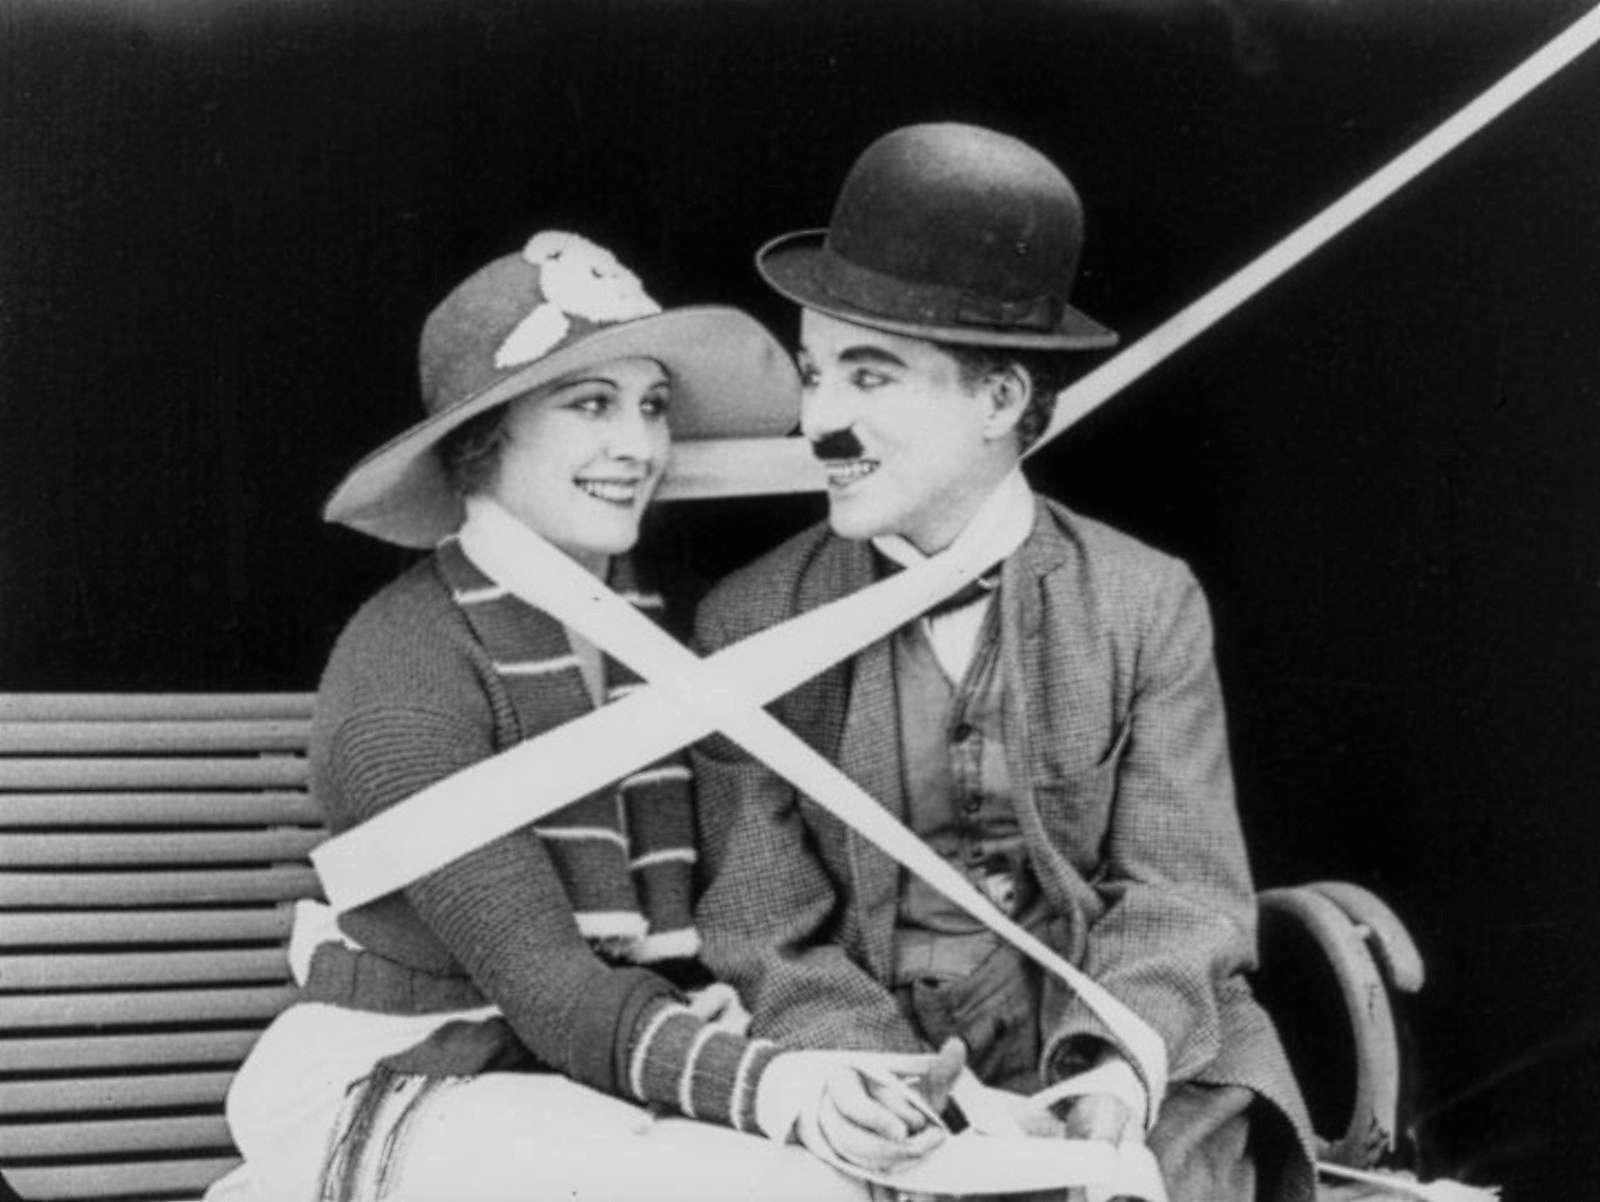 """Ο Σερ Τσαρλς Σπένσερ Τσάπλιν ο νεότερος (Charles Spencer Chaplin Jr, 16 Απριλίου 1889 - 25 Δεκεμβρίου 1977), γνωστότερος με το υποκοριστικό Τσάρλι και, στην Ελλάδα κυρίως, με το προσωνύμιο """"Σαρλό"""", υπήρξε Άγγλος ηθοποιός και σκηνοθέτης, που μεγαλούργησε στις πρώτες δεκαετίες του Χόλυγουντ."""